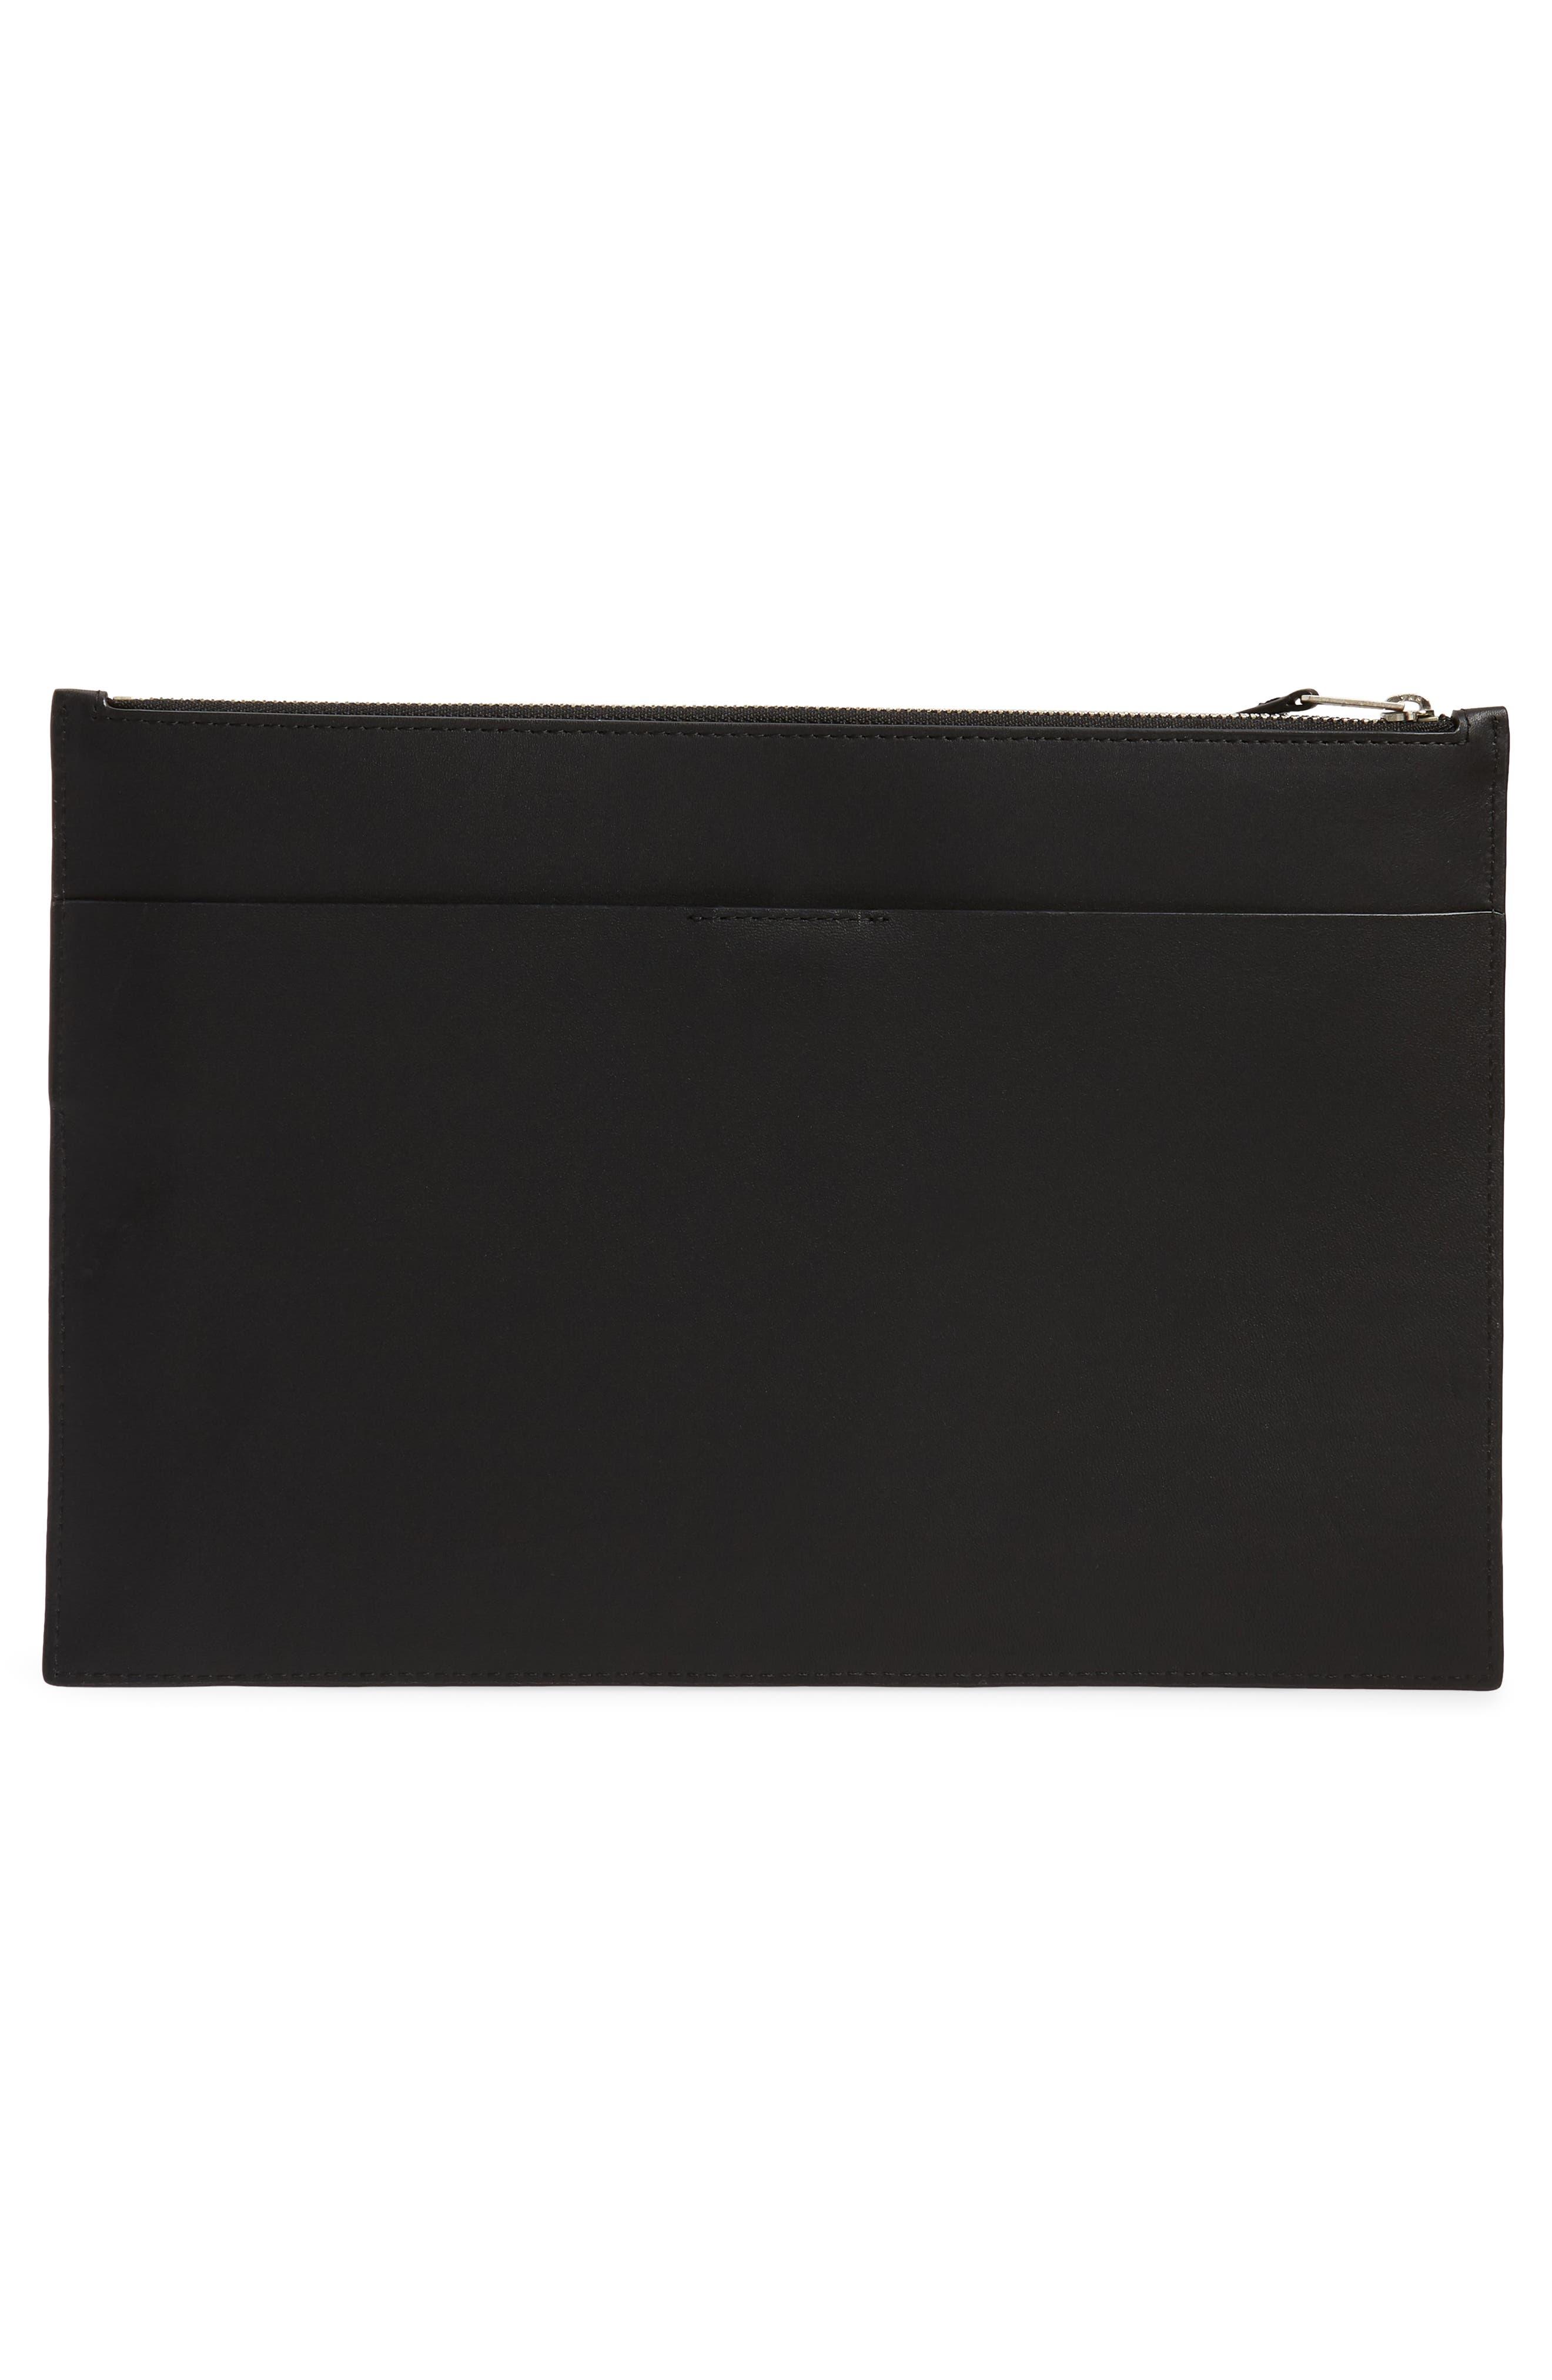 ALLSAINTS, Clip Leather Clutch, Alternate thumbnail 3, color, BLACK